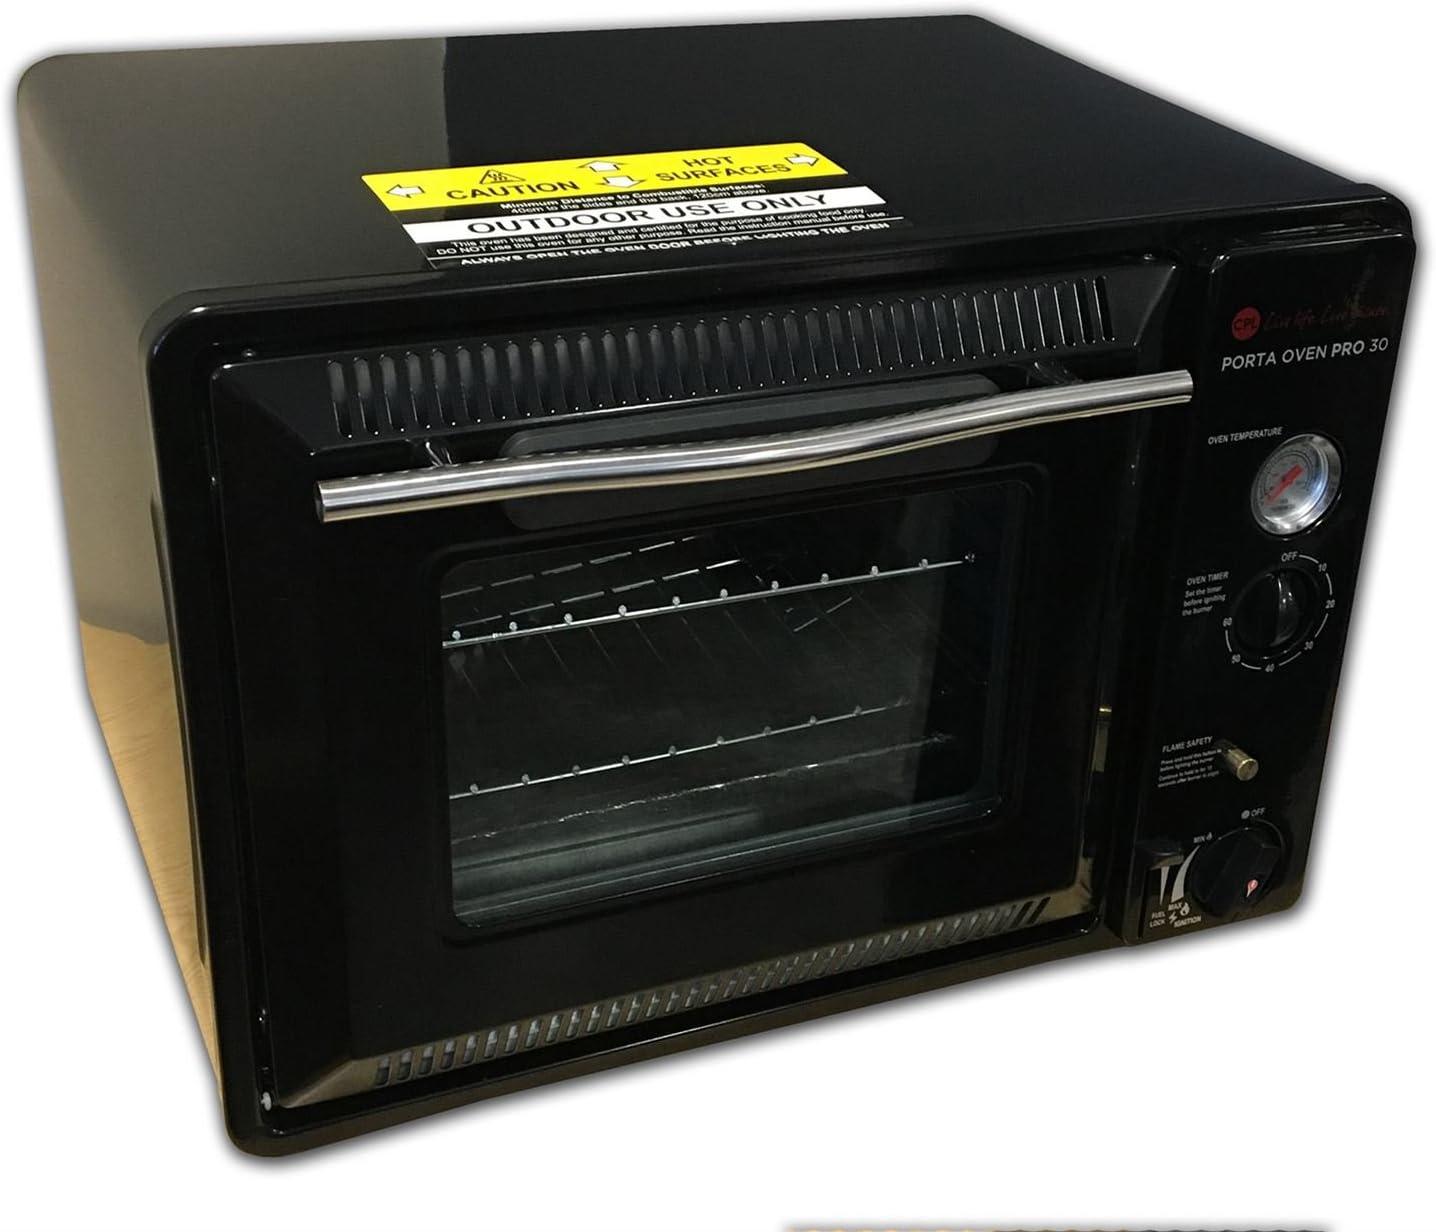 Crusader Porta Oven Pro 30 - Horno portátil de Gas para Acampada, Horno, butano, Camping, Caravana, Autocaravana